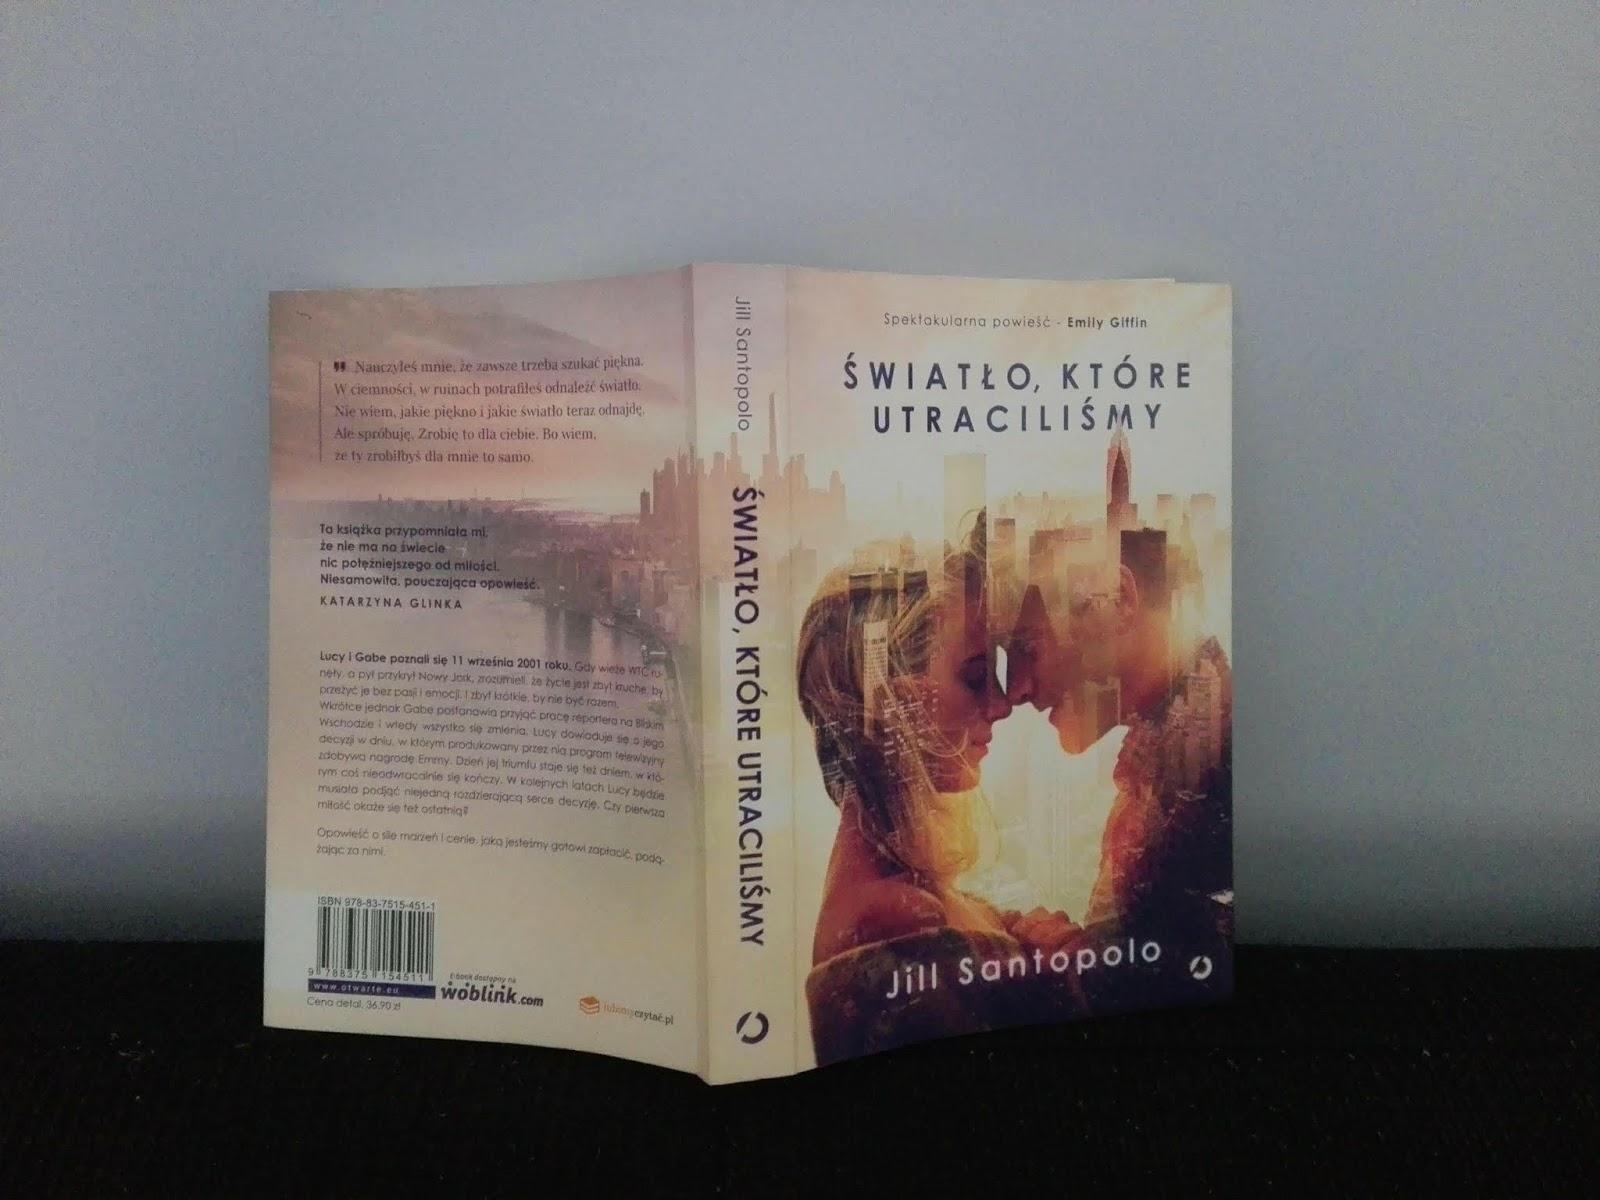 Jill Santopolo - Światło, które utraciliśmy - Wydawnictwo Otwarte - Recenzja